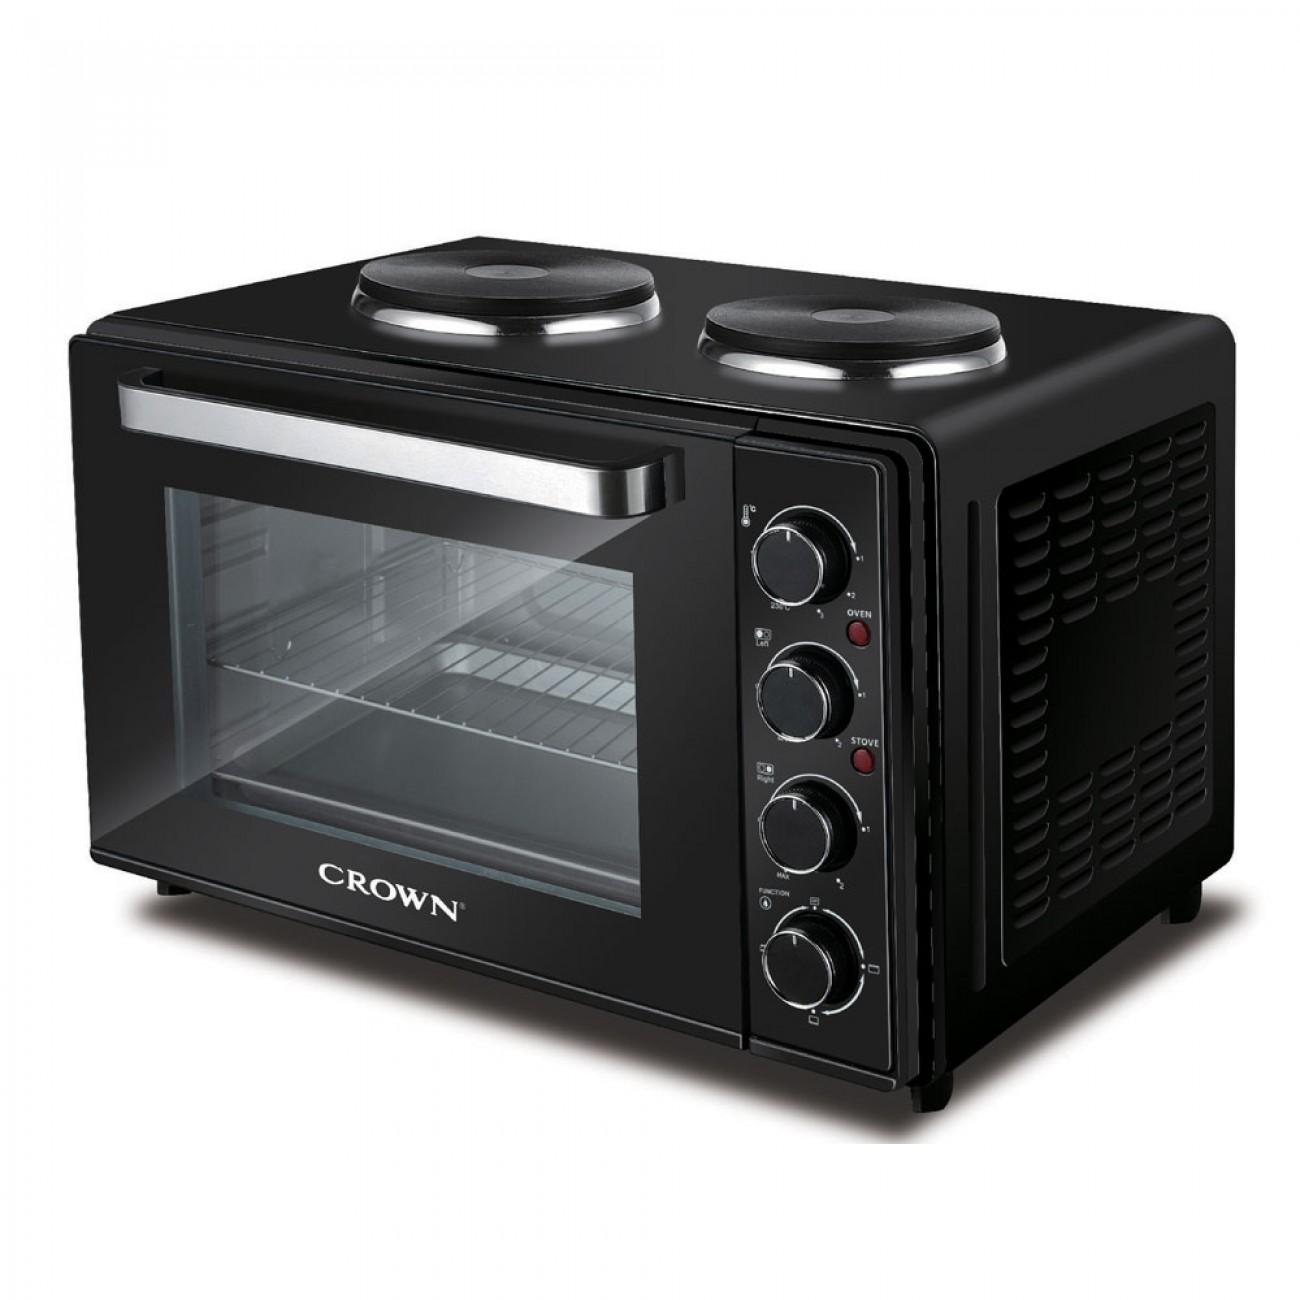 Готварска печка с два котлона CROWN MNH-48B, 48 литра, Фурна 2000 W, до 230 C, Котлони 1600W, Черен в Малки готварски печки - Crown | Alleop